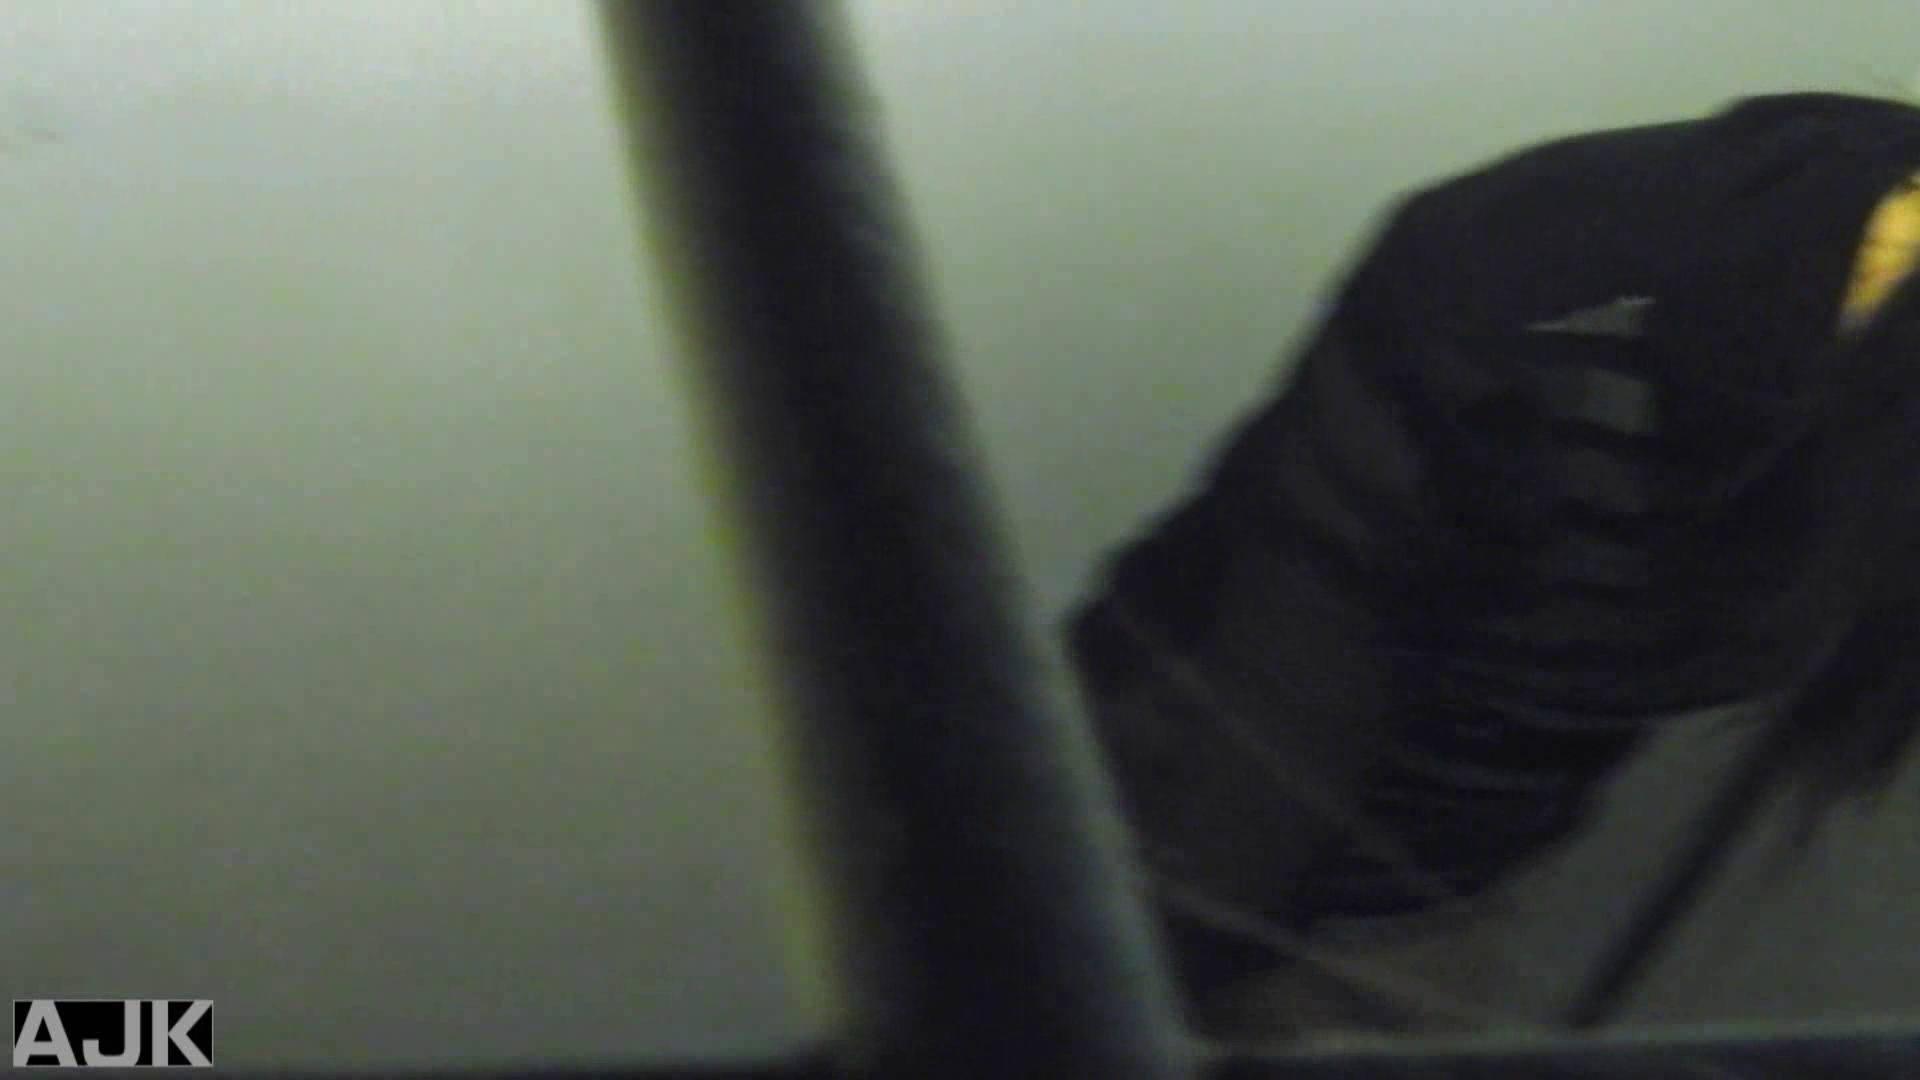 神降臨!史上最強の潜入かわや! vol.22 マンコエロすぎ 性交動画流出 112PIX 111